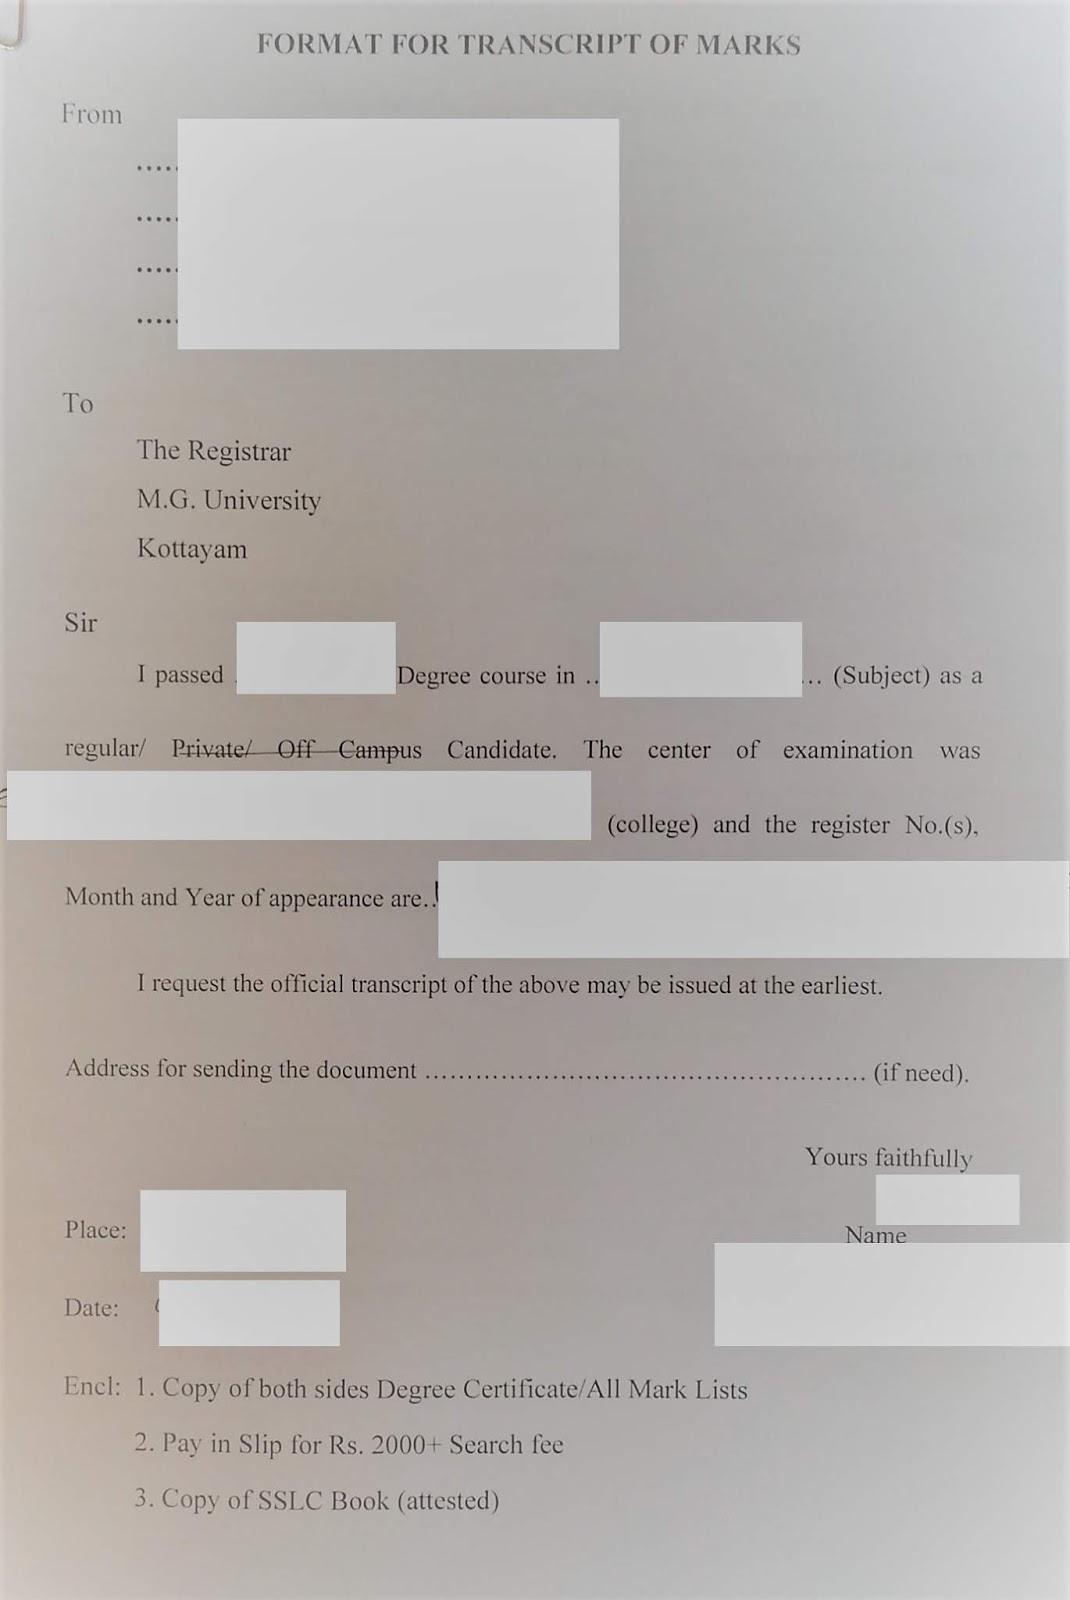 എന്റെ മലയാളം: Apply Official Transcript and